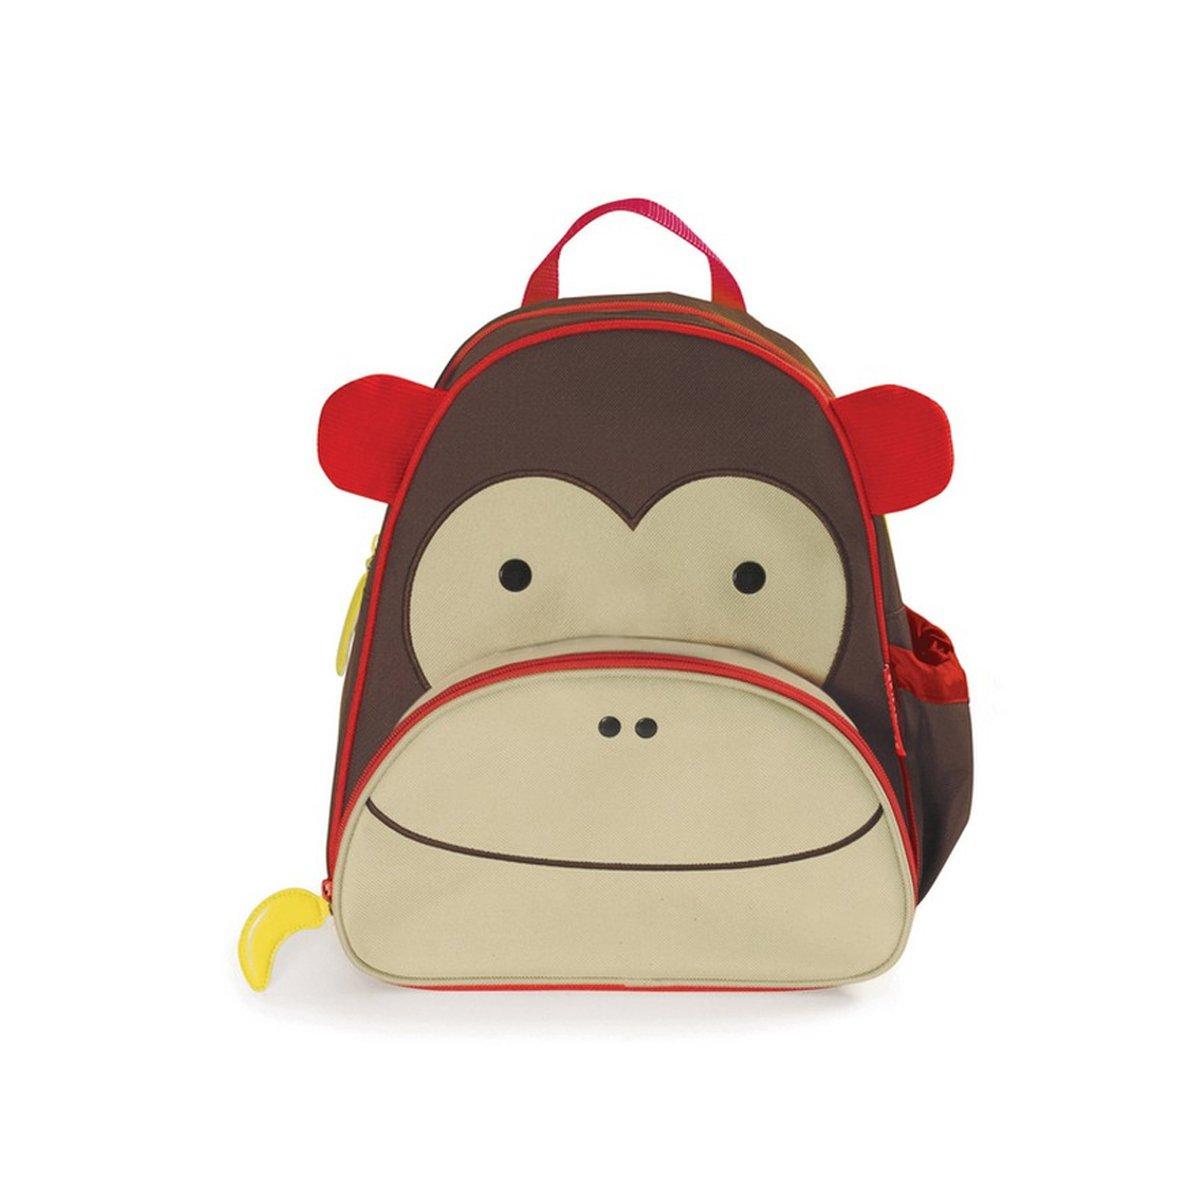 > 美国skip hop可爱动物园(猴子)儿童双肩背包